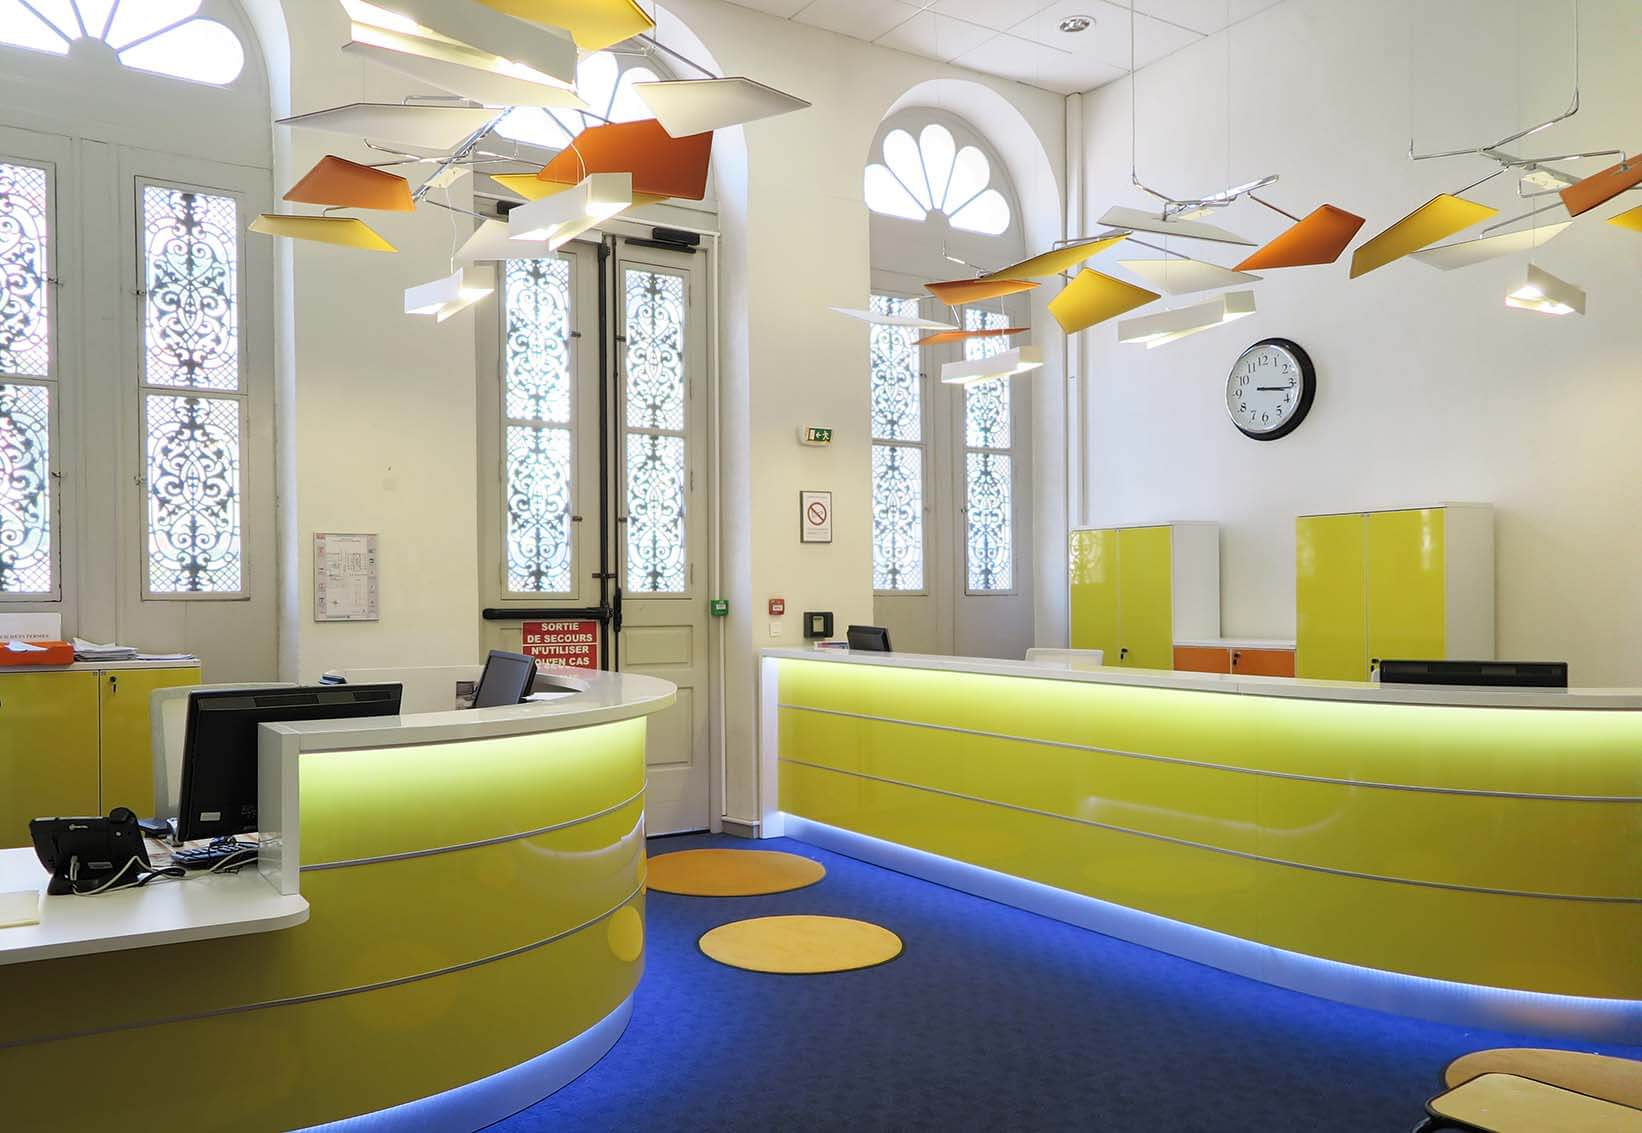 Mairie de Hyères - Nos Réalisations - Imagine - Aménagement et design - Hyères